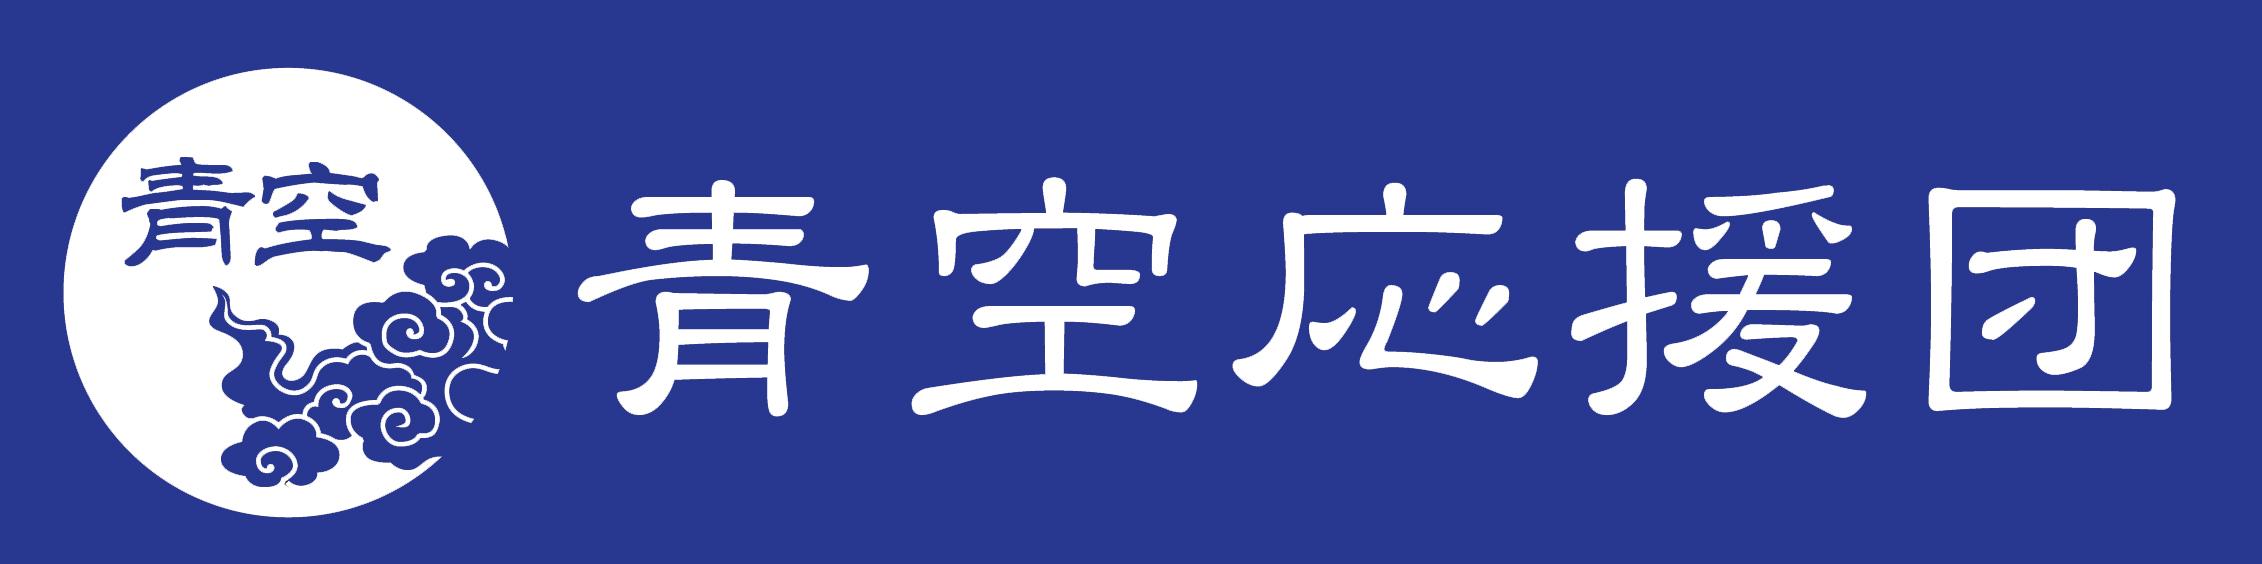 青空応援団グッズショップ